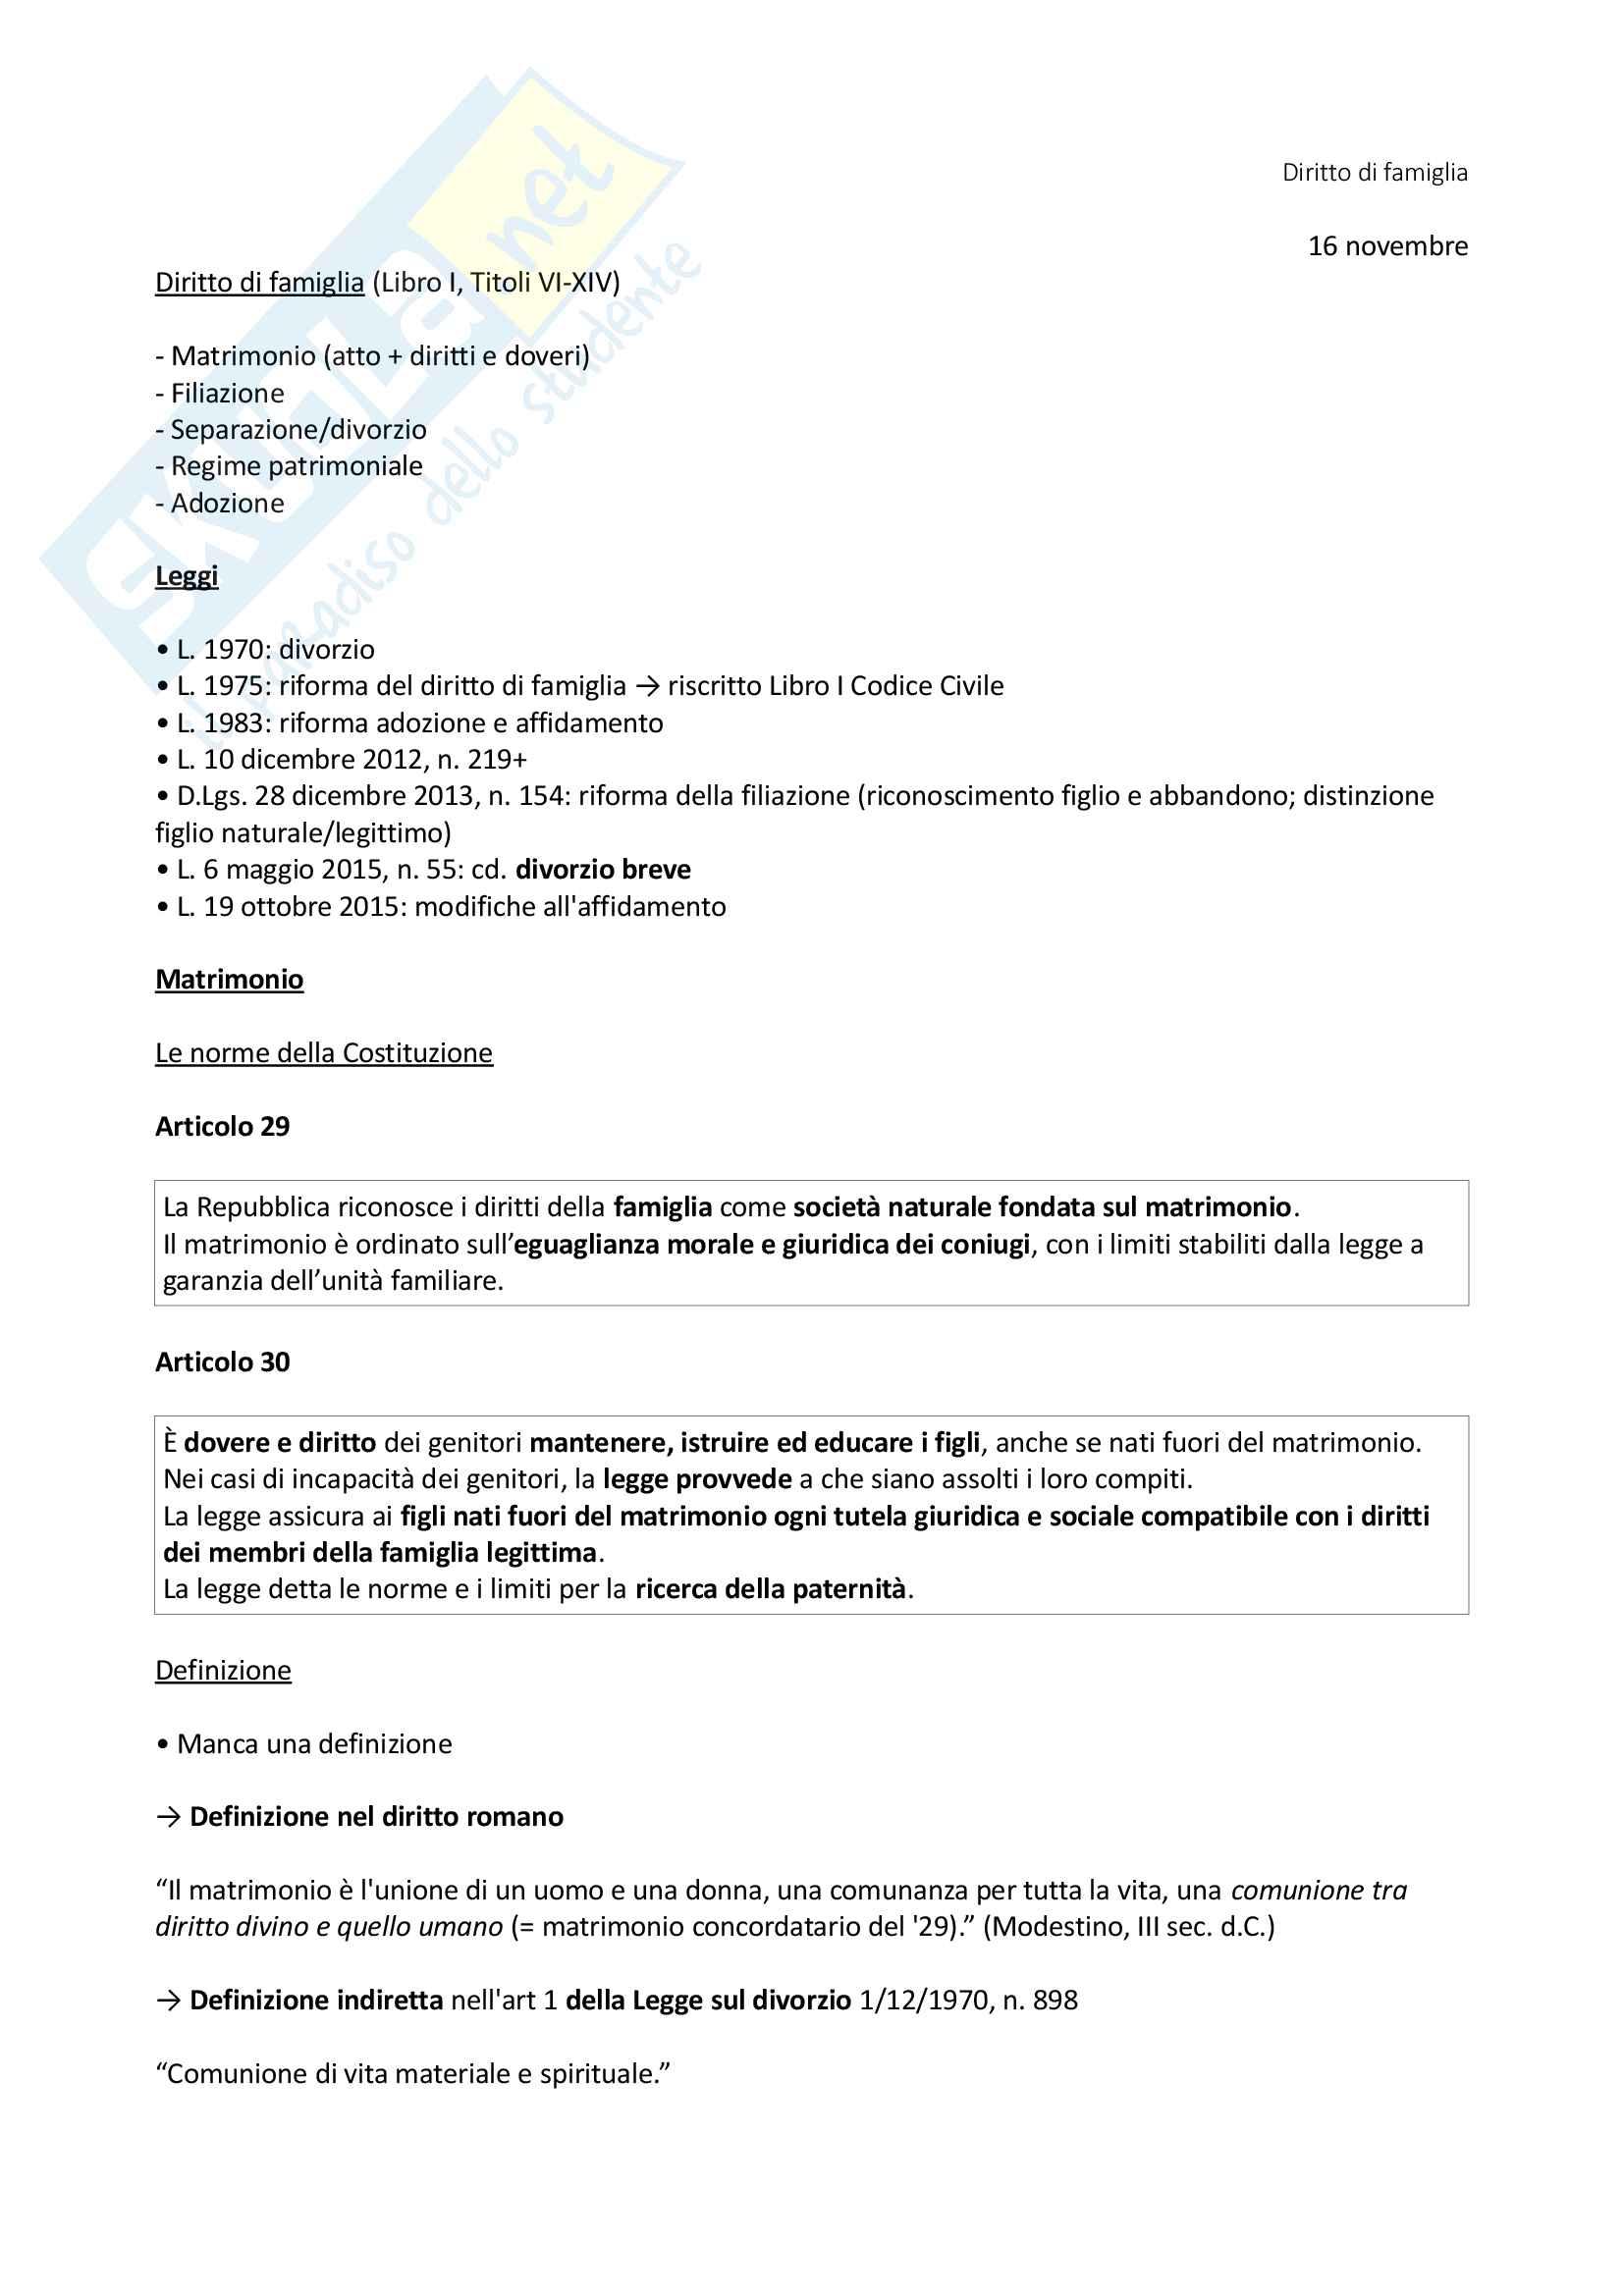 Istituzioni di Diritto Privato - Diritto di Famiglia (con divorzio breve e filiazione) - Benacchio (UniTn)